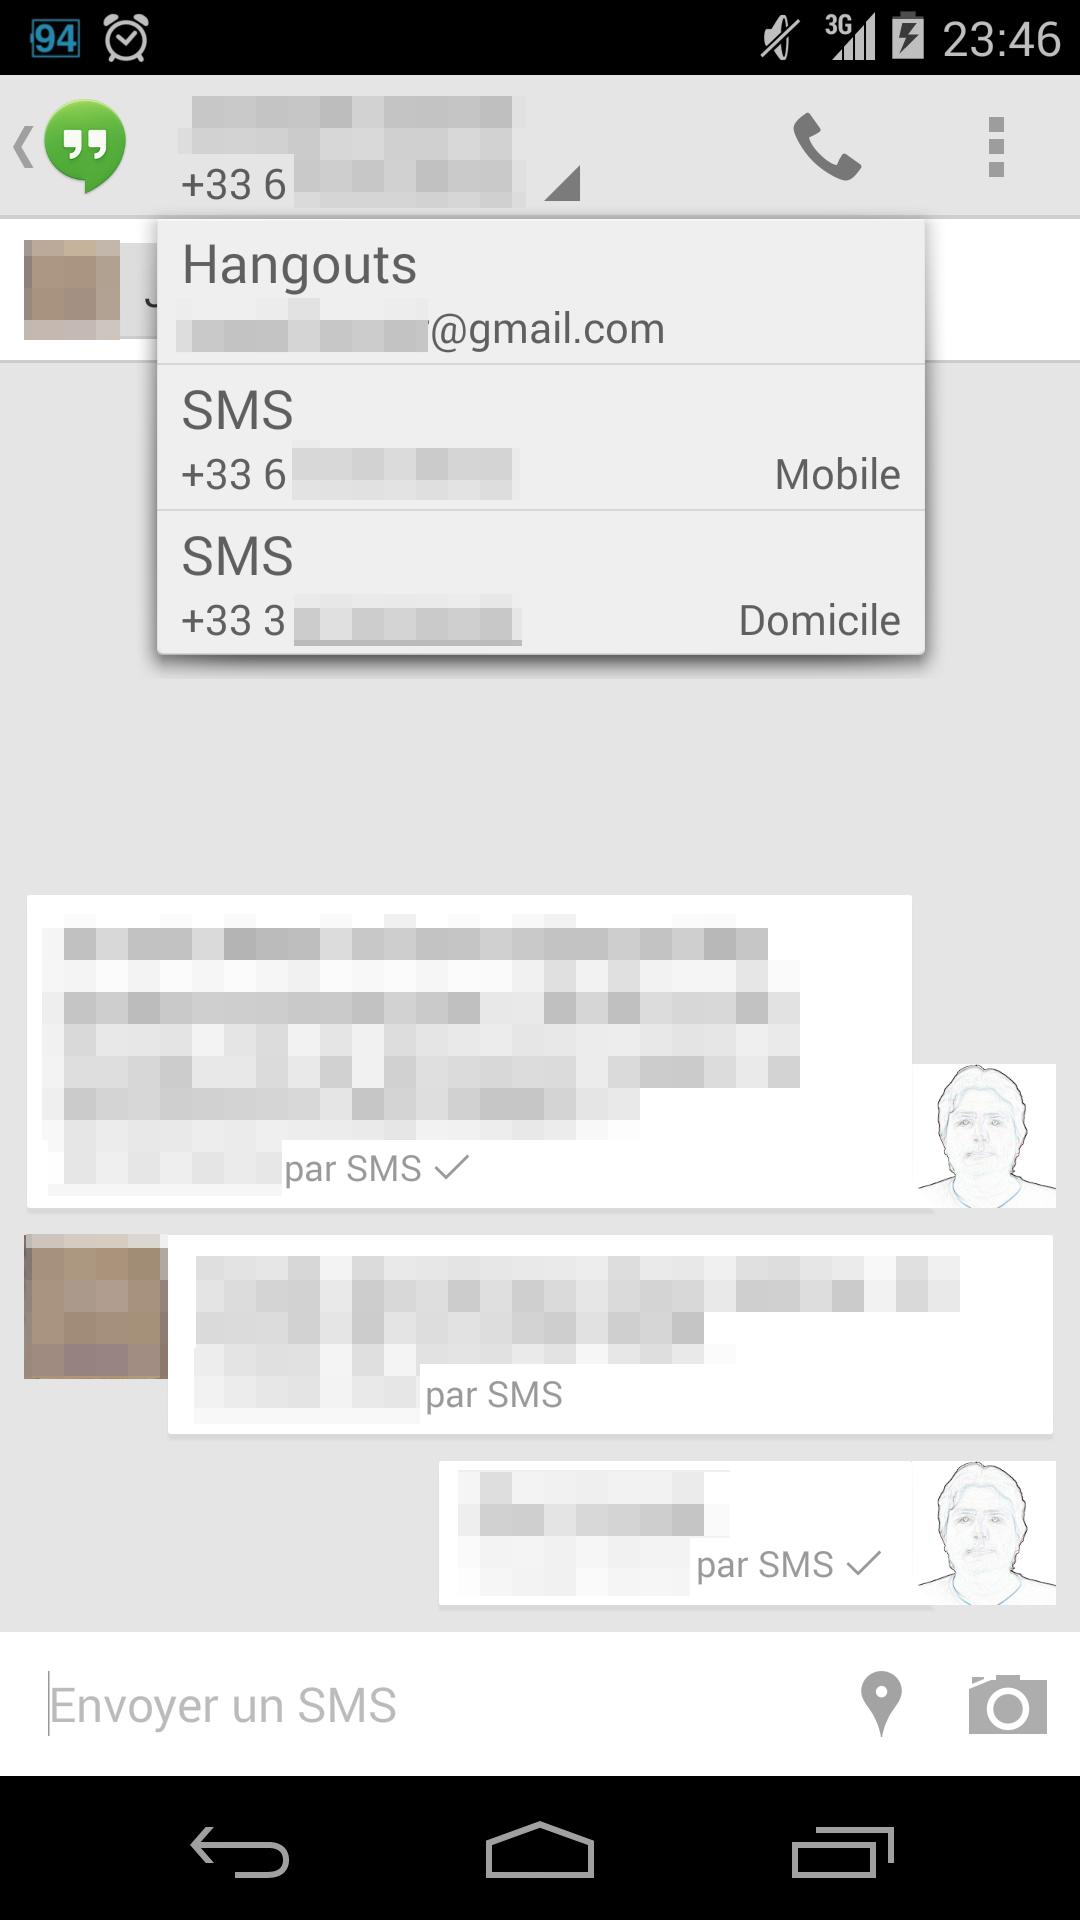 Les SMS dans Hangouts